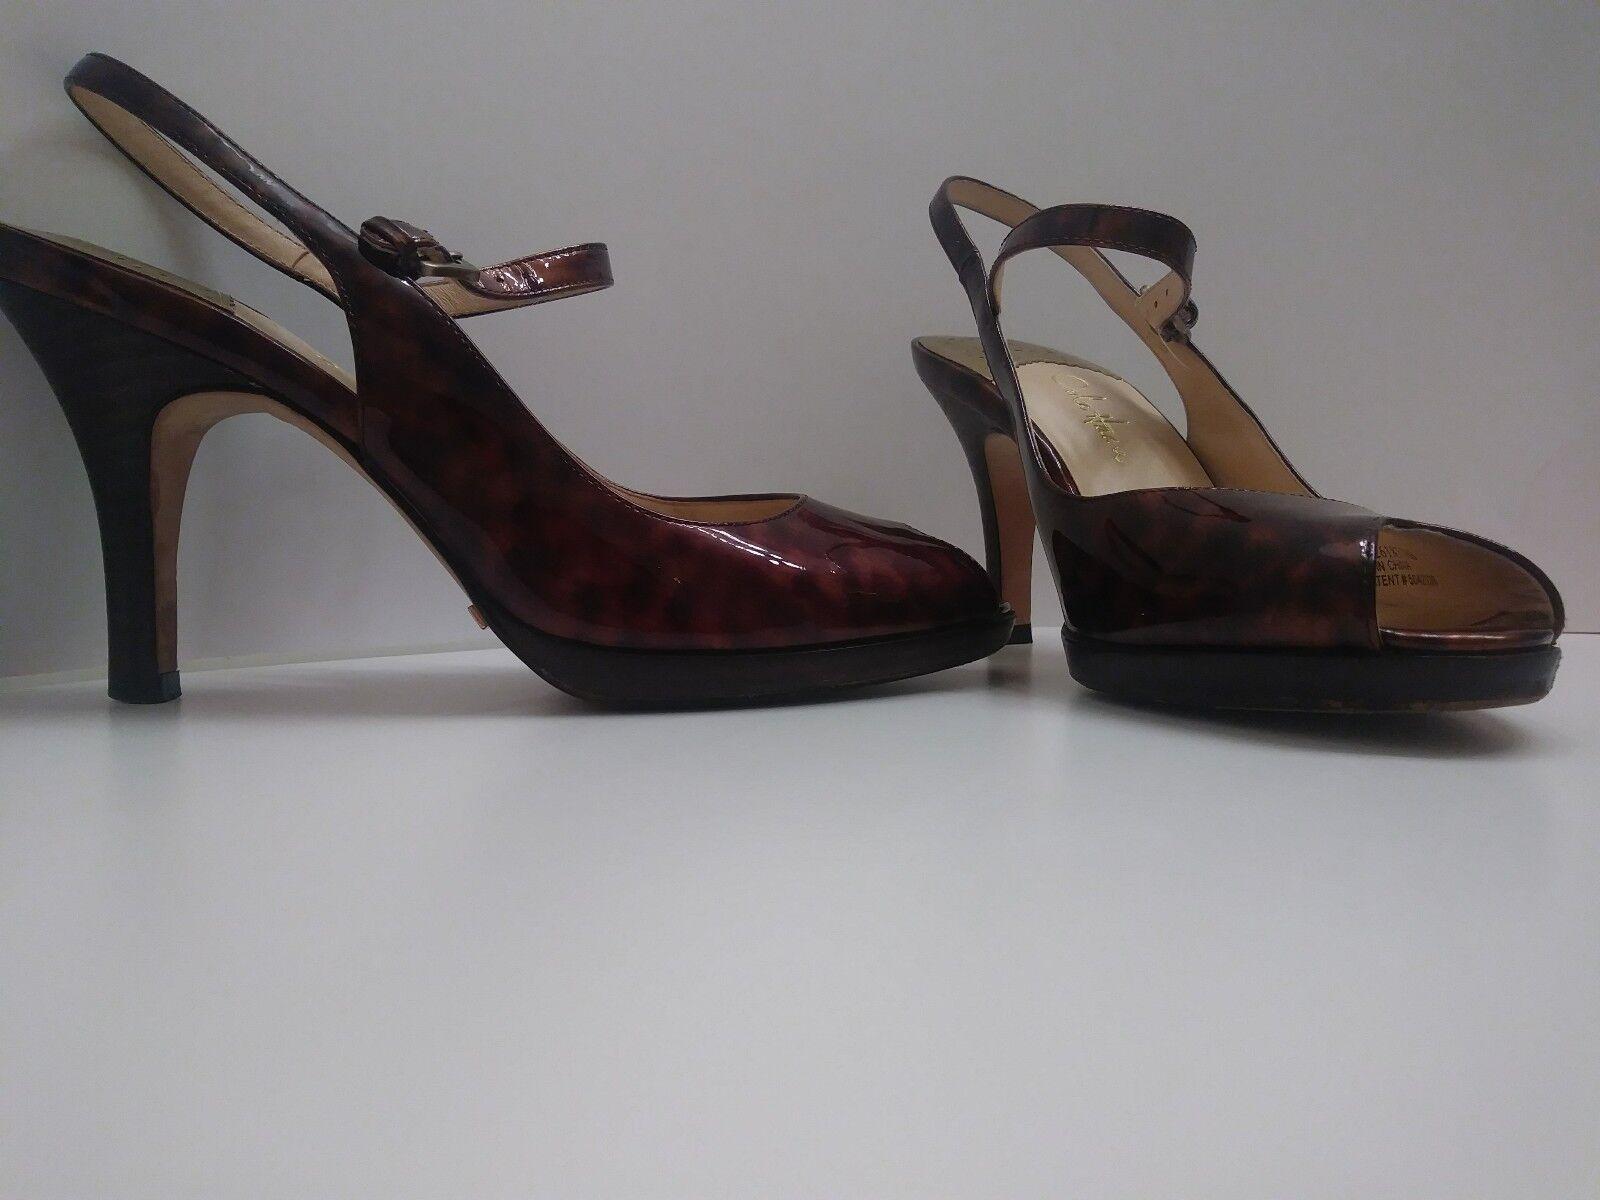 Ladies COLE HAAN 1/2 pump Shoes Sz 7 1/2 HAAN NikeAir patent leopard leather ptoe $229 d161d9